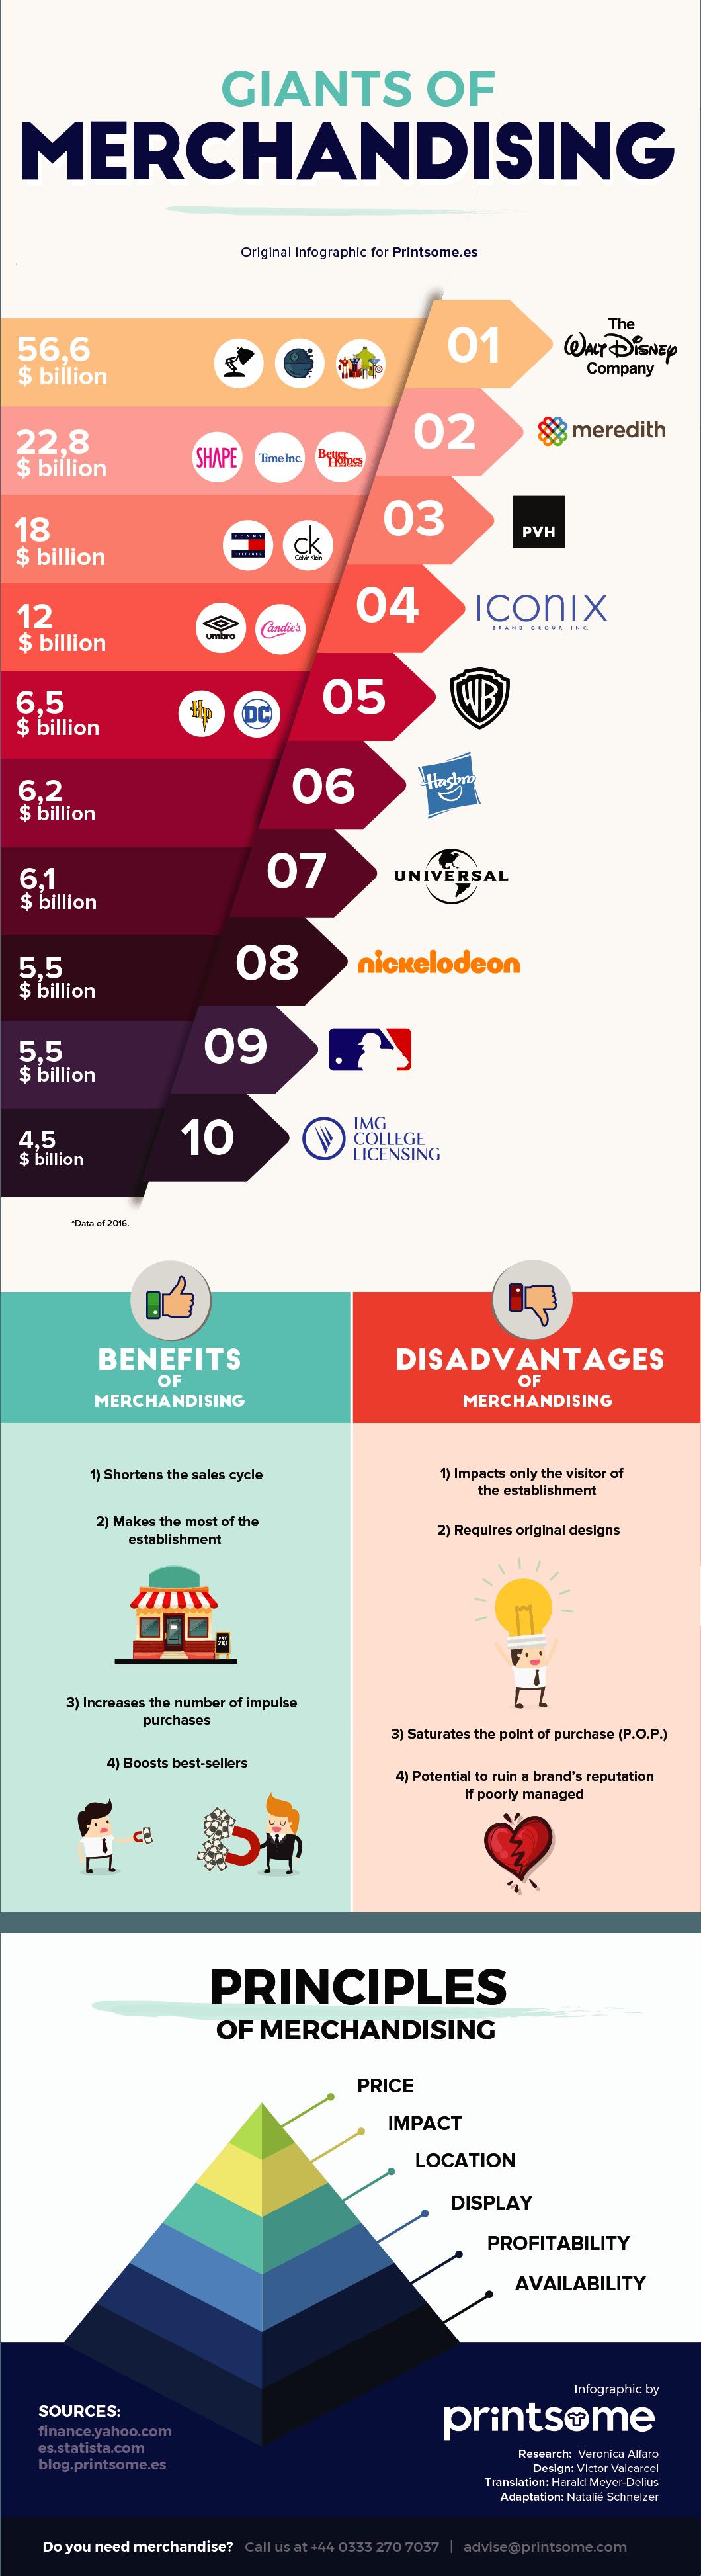 Printsome, infographic, merchandising